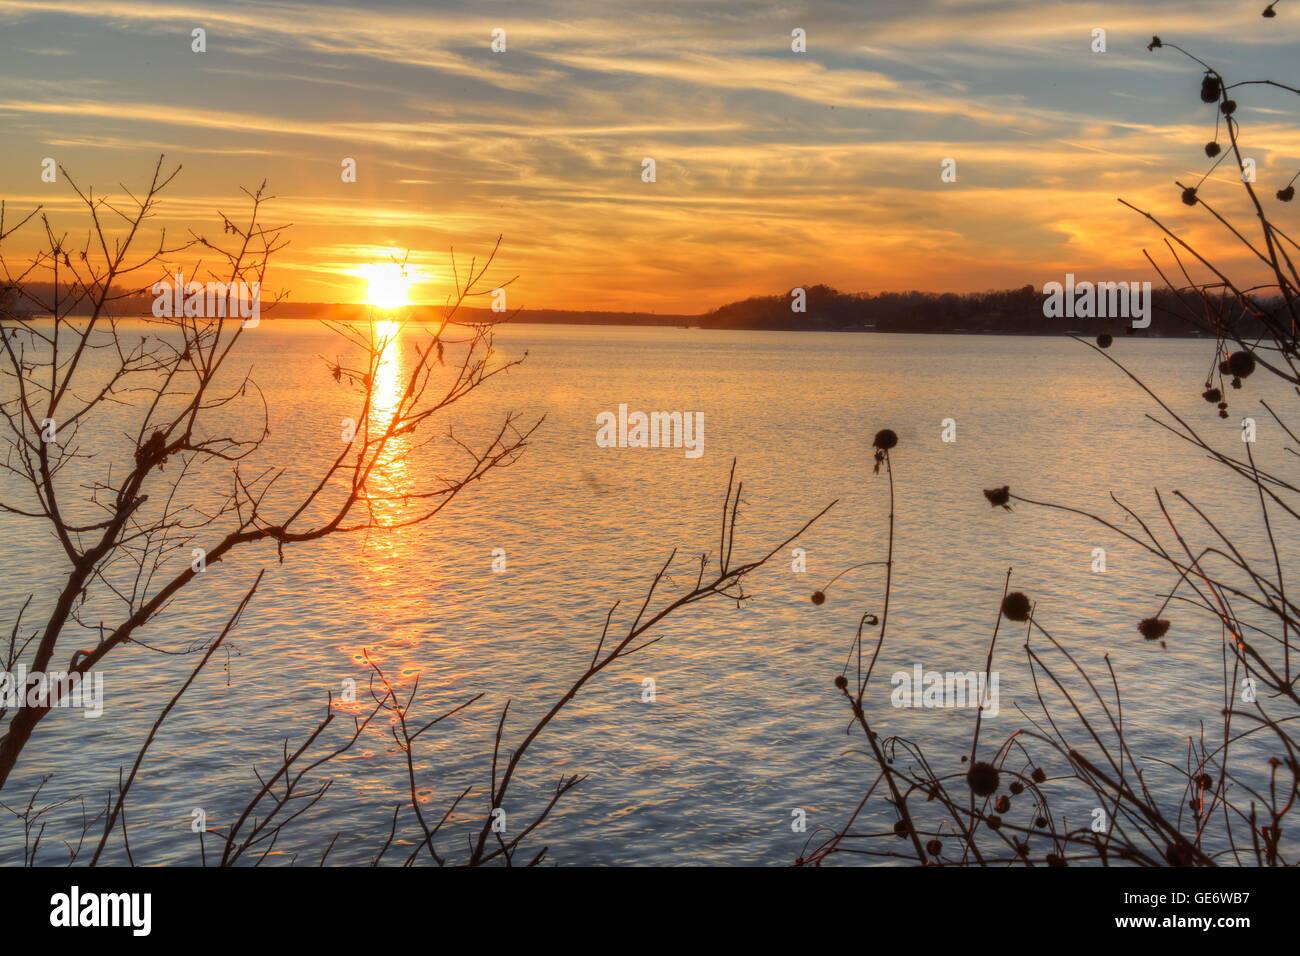 Grand Lake in Oklahoma - Stock Image